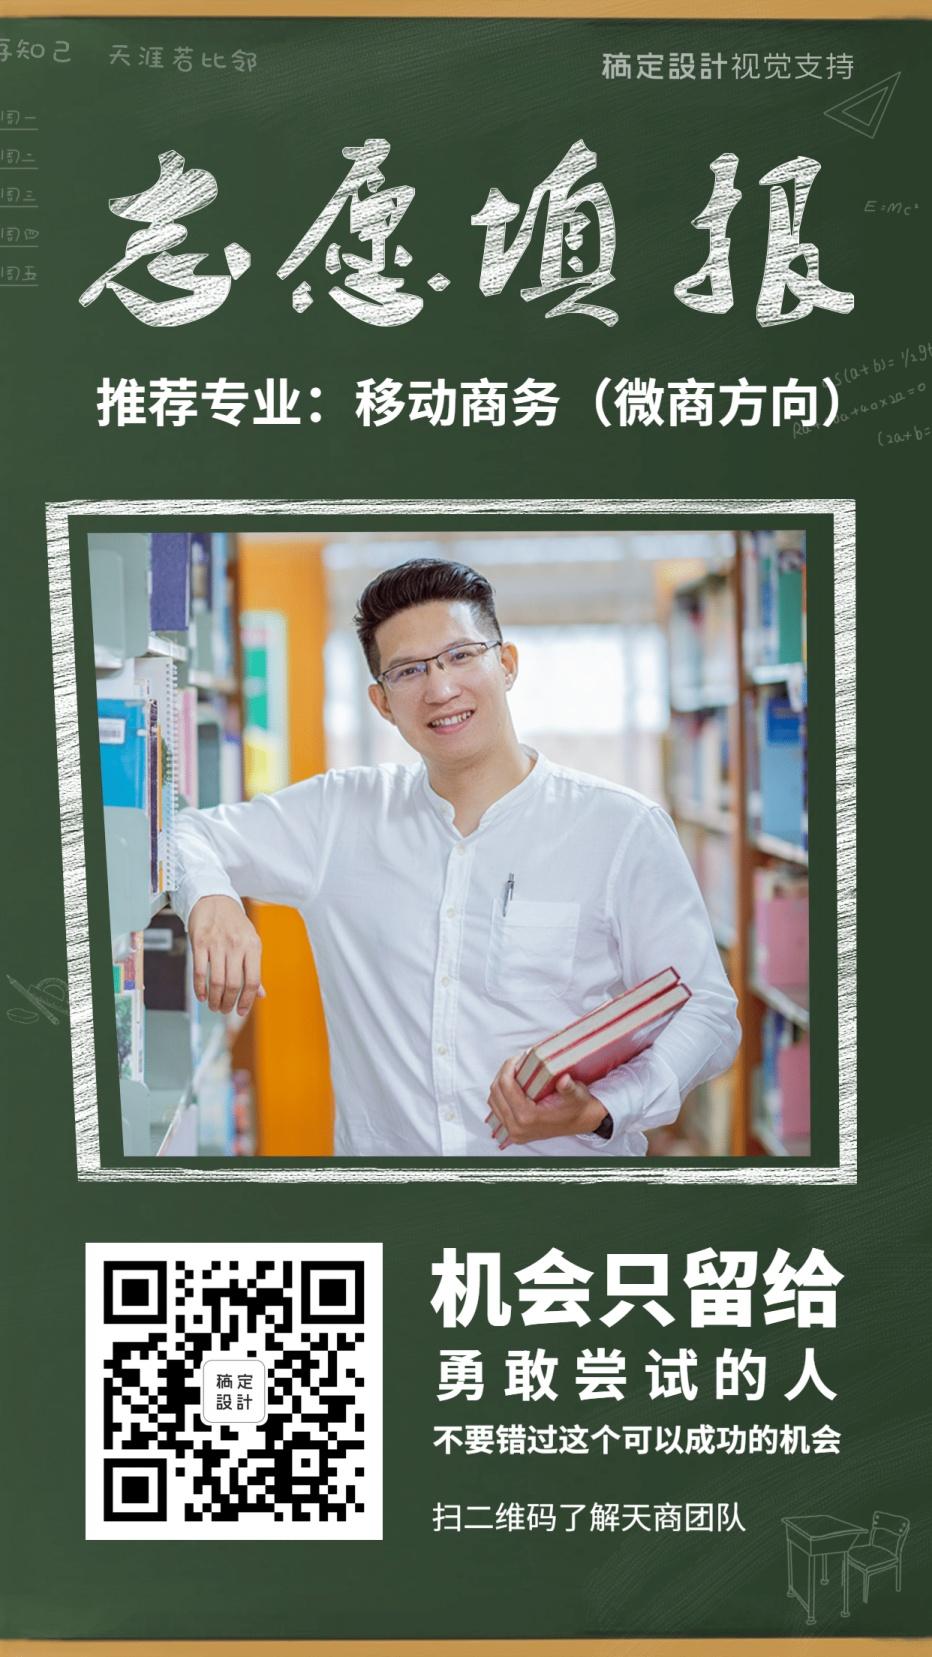 高考志愿填报绿色背景海报